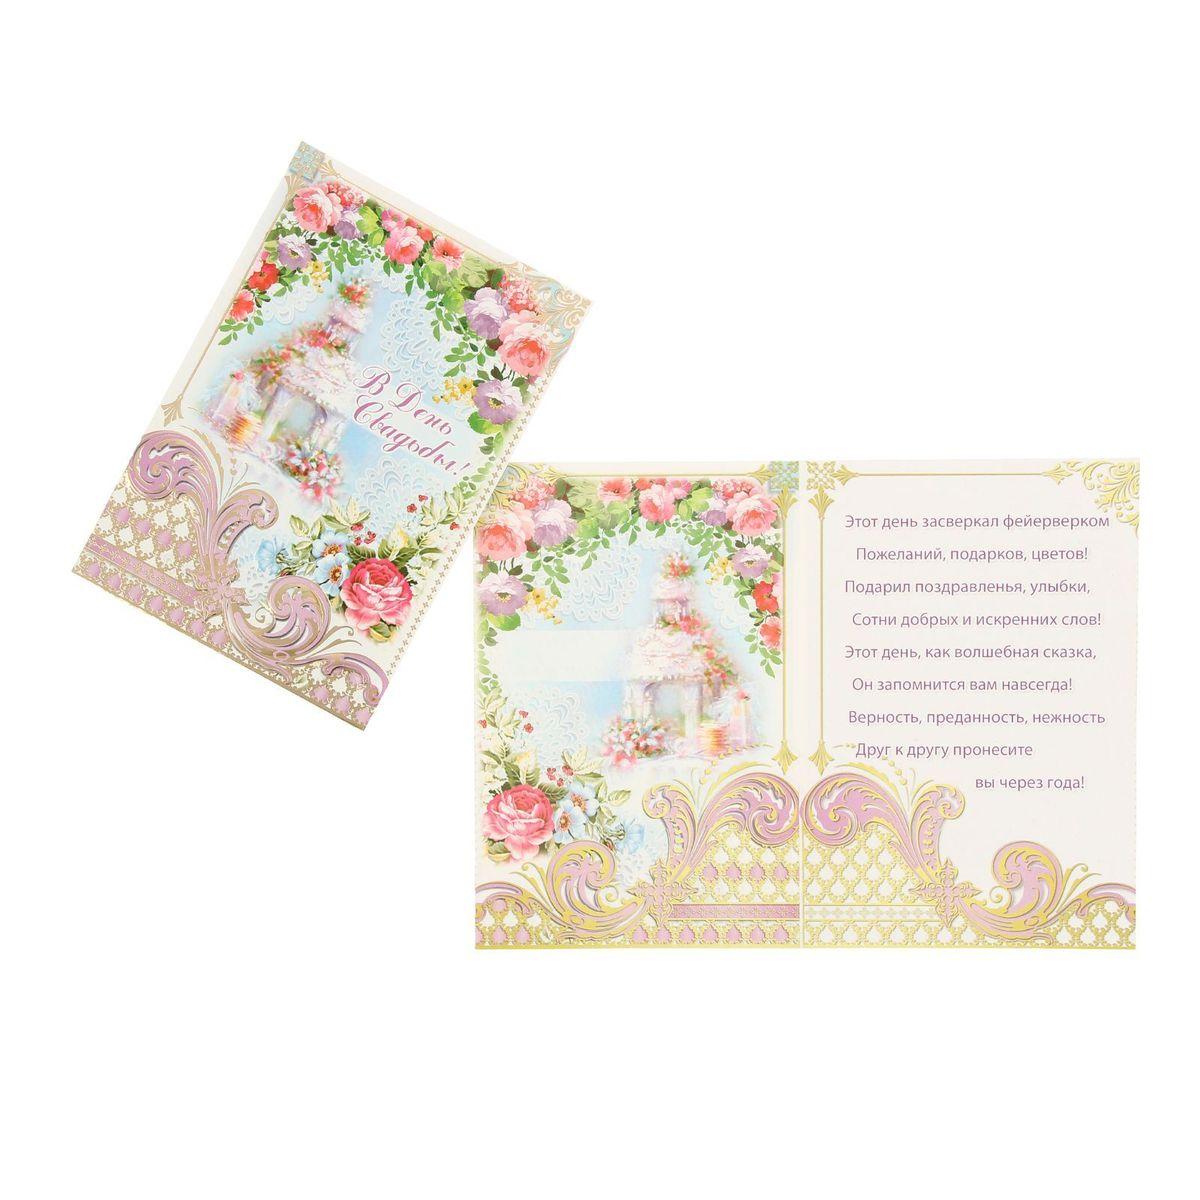 Открытка Sima-land В день свадьбы! Беседка и цветы1202361Если вы хотите порадовать себя или близких, создать праздничное настроение и с улыбкой провести памятный день, то вы, несомненно, сделали правильный выбор! Открытка Sima-land В день свадьбы! Беседка и цветы, выполненная из плотной бумаги, отличается не только оригинальным дизайном, но и высоким качеством. Лицевая сторона изделия оформлена ярким изображением. Внутри открытка содержит текст с поздравлением. Такая открытка непременно порадует получателя и станет отличным напоминанием о проведенном вместе времени.